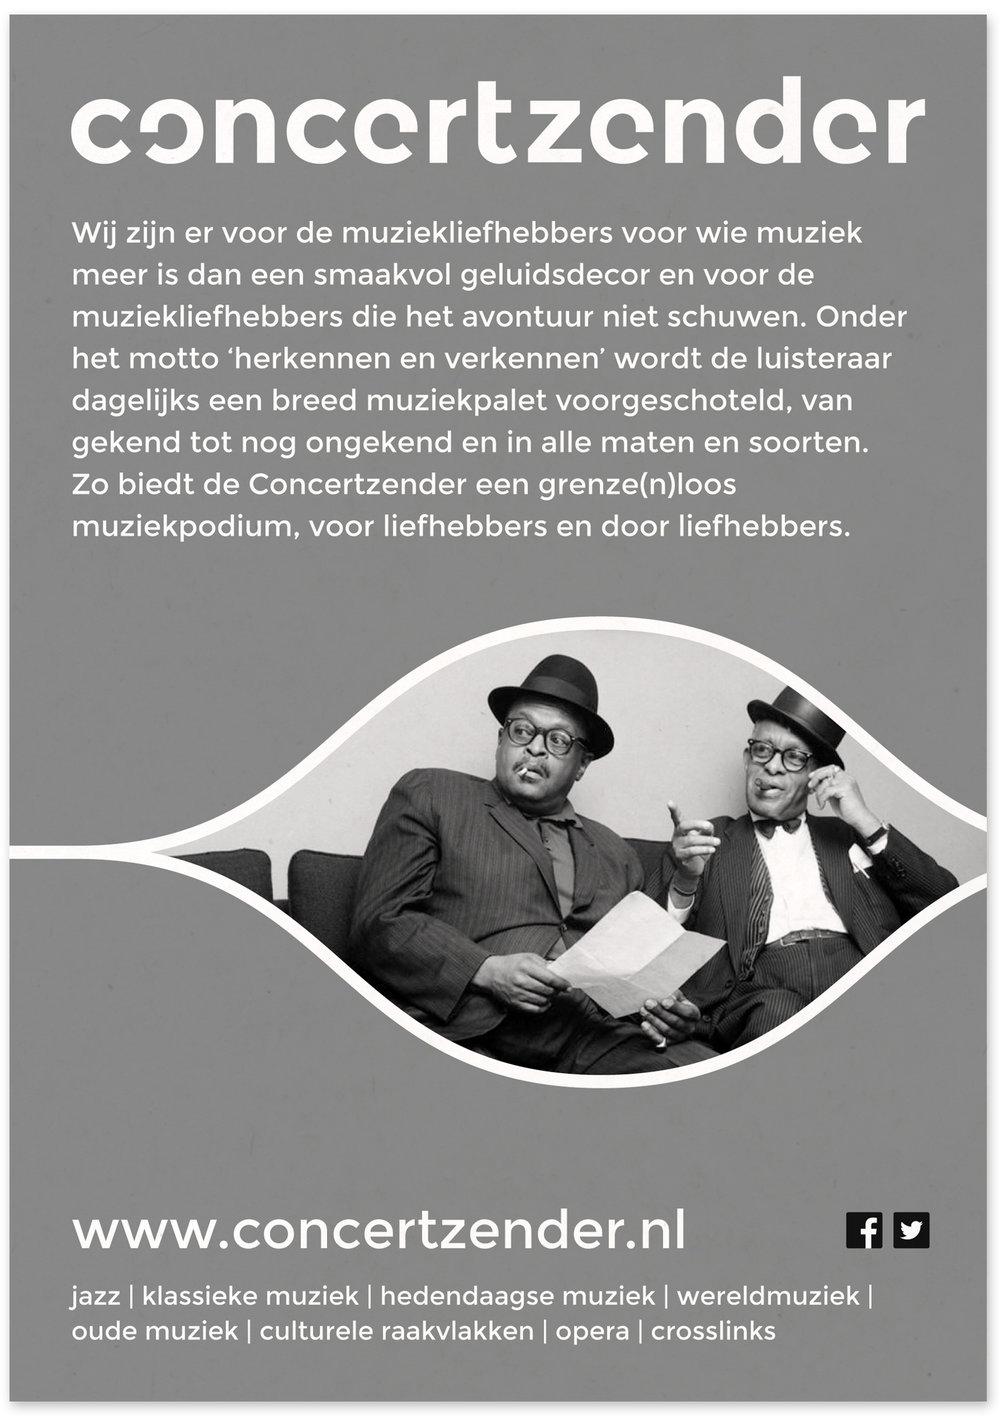 studio_colorado-concertzender-flyer-2